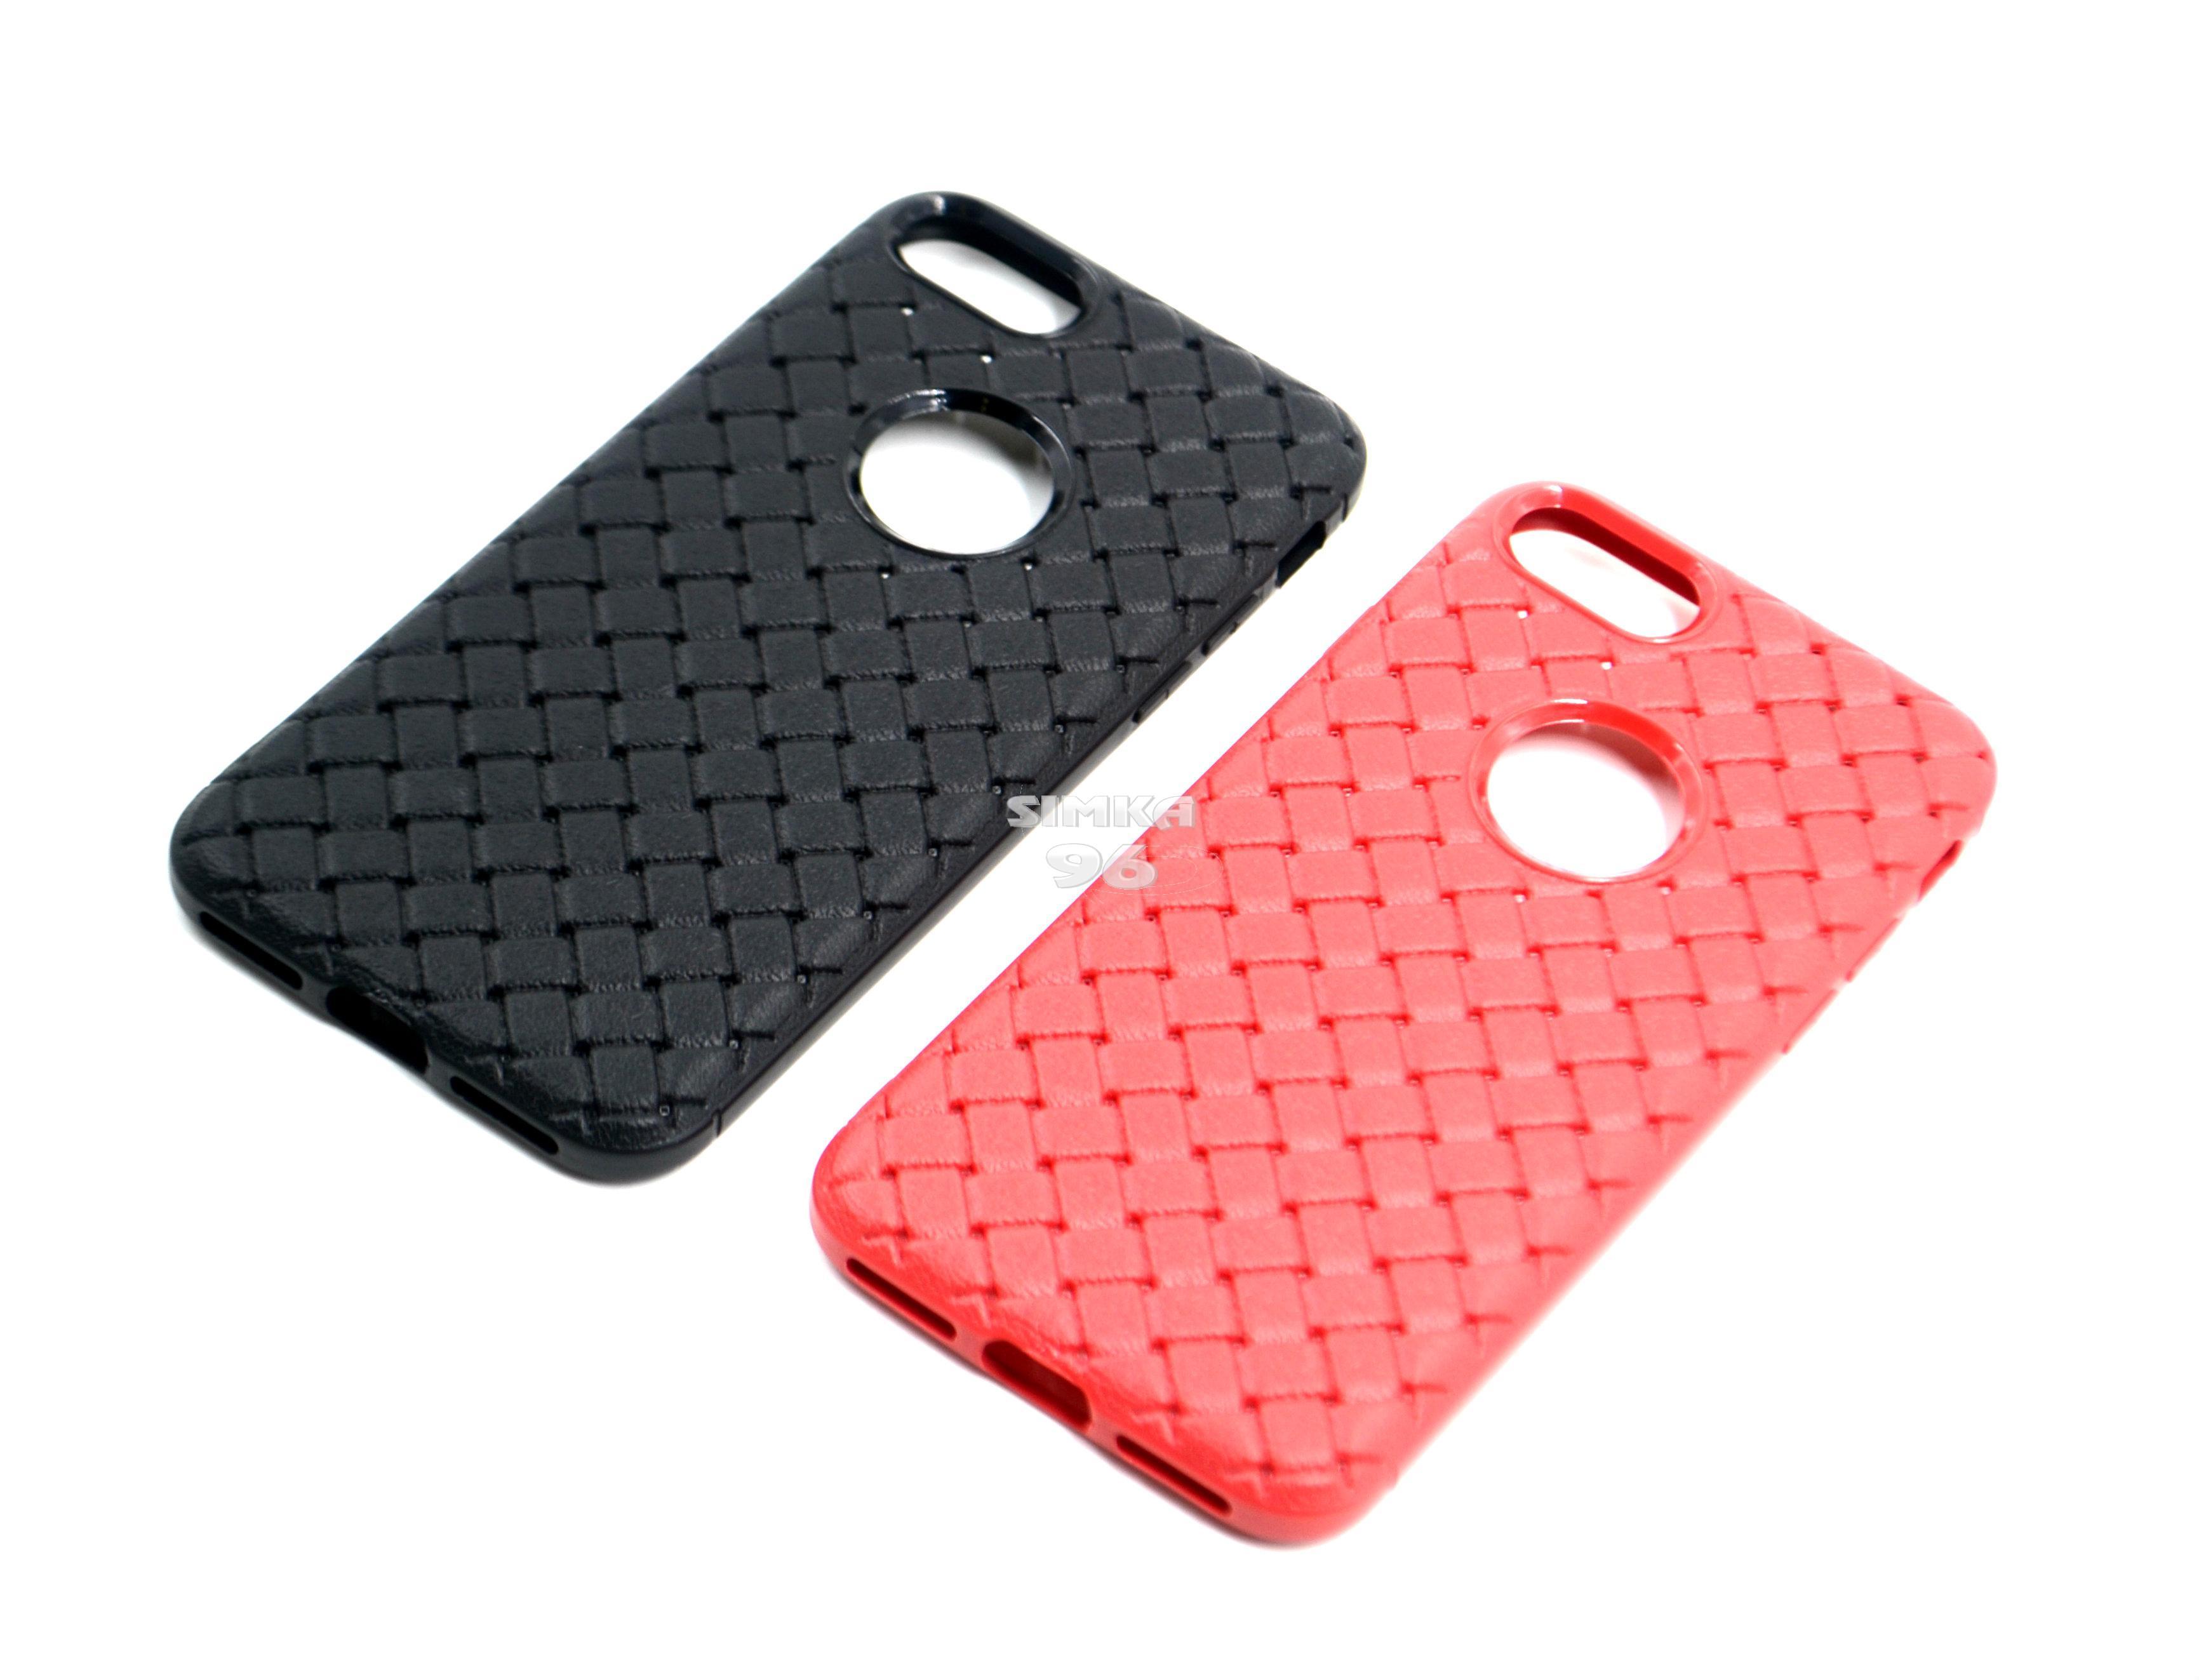 Чехол задник для iPhone 7 силикон плетёный